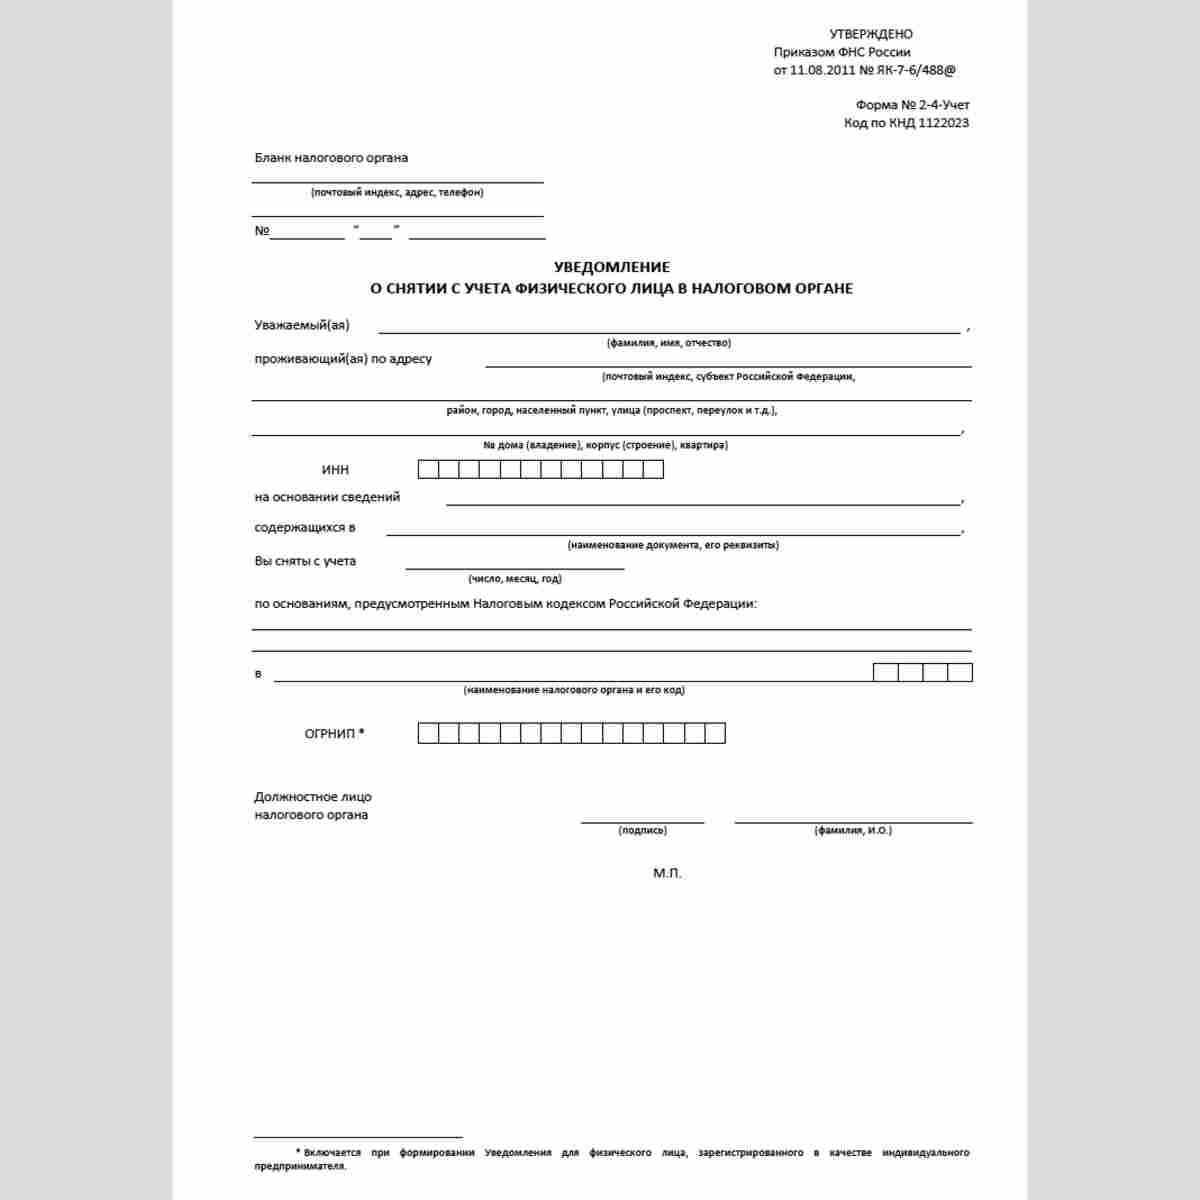 """Форма КНД 1122023 """"Уведомление о снятии с учета физического лица в налоговом органе"""" (Форма №2-4-Учет)"""